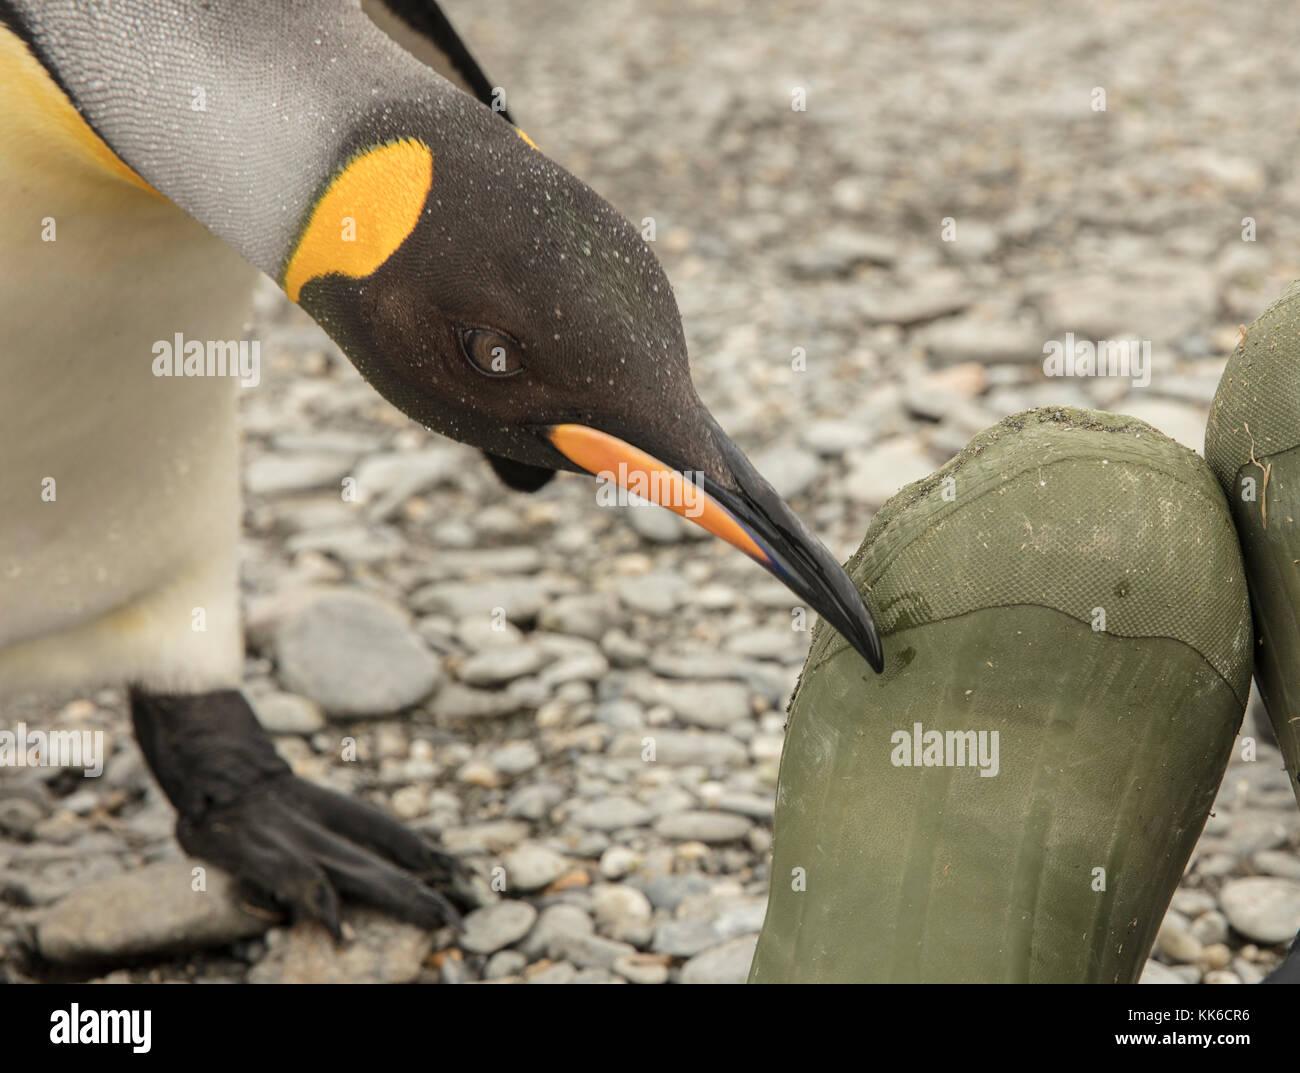 Curioso pingüino rey desprotege un ecoturista la funda de caucho en St Andrew's bay, Isla Georgia del Sur Imagen De Stock